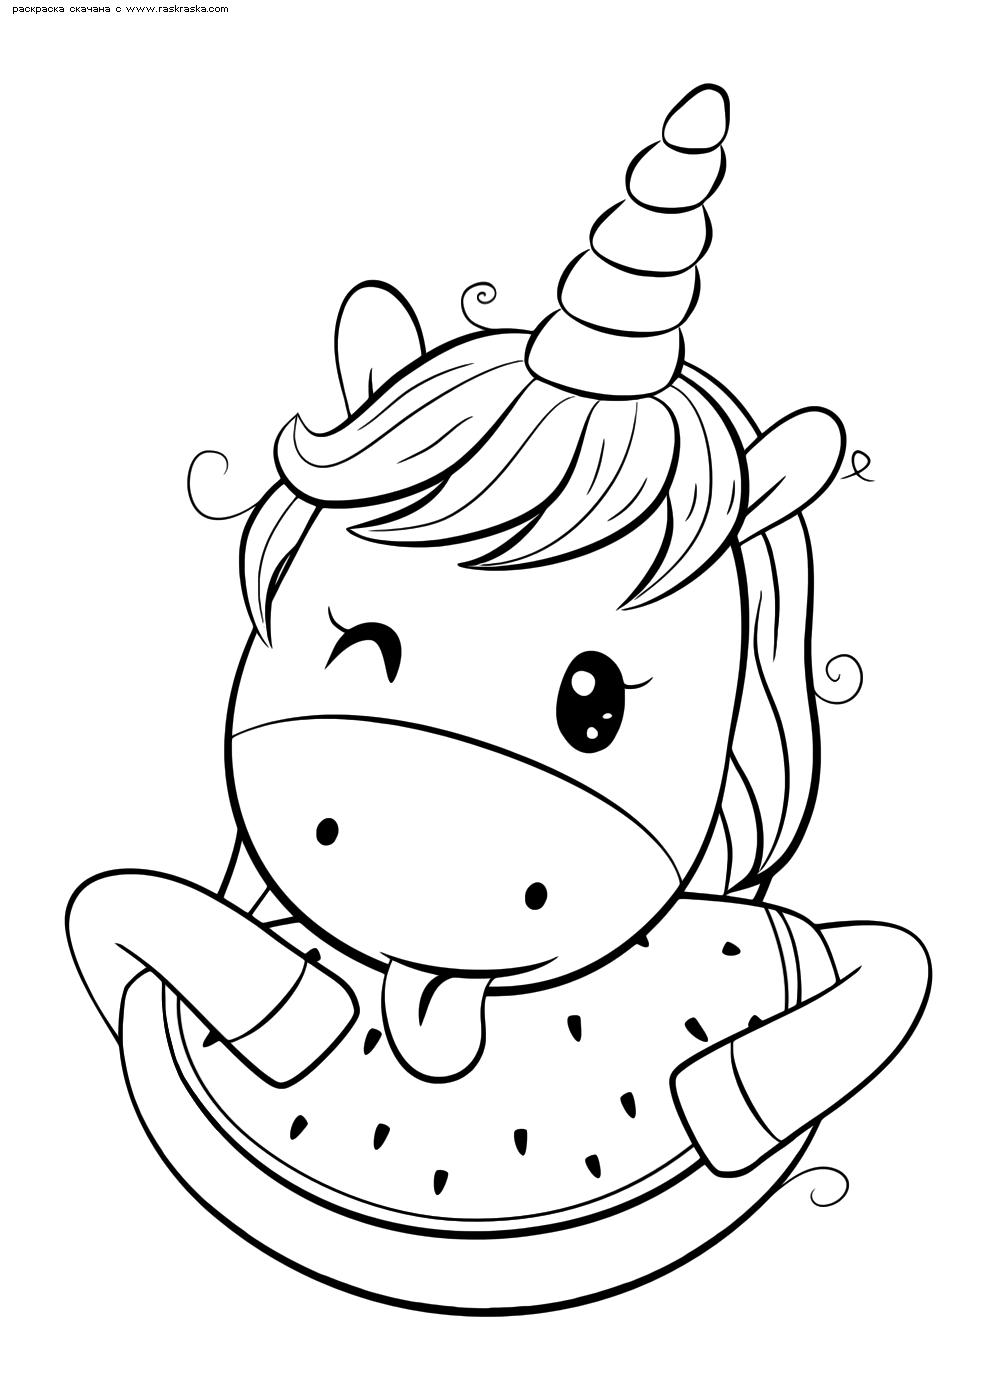 Раскраска Единорожка с арбузом | Раскраски няшных животных ...